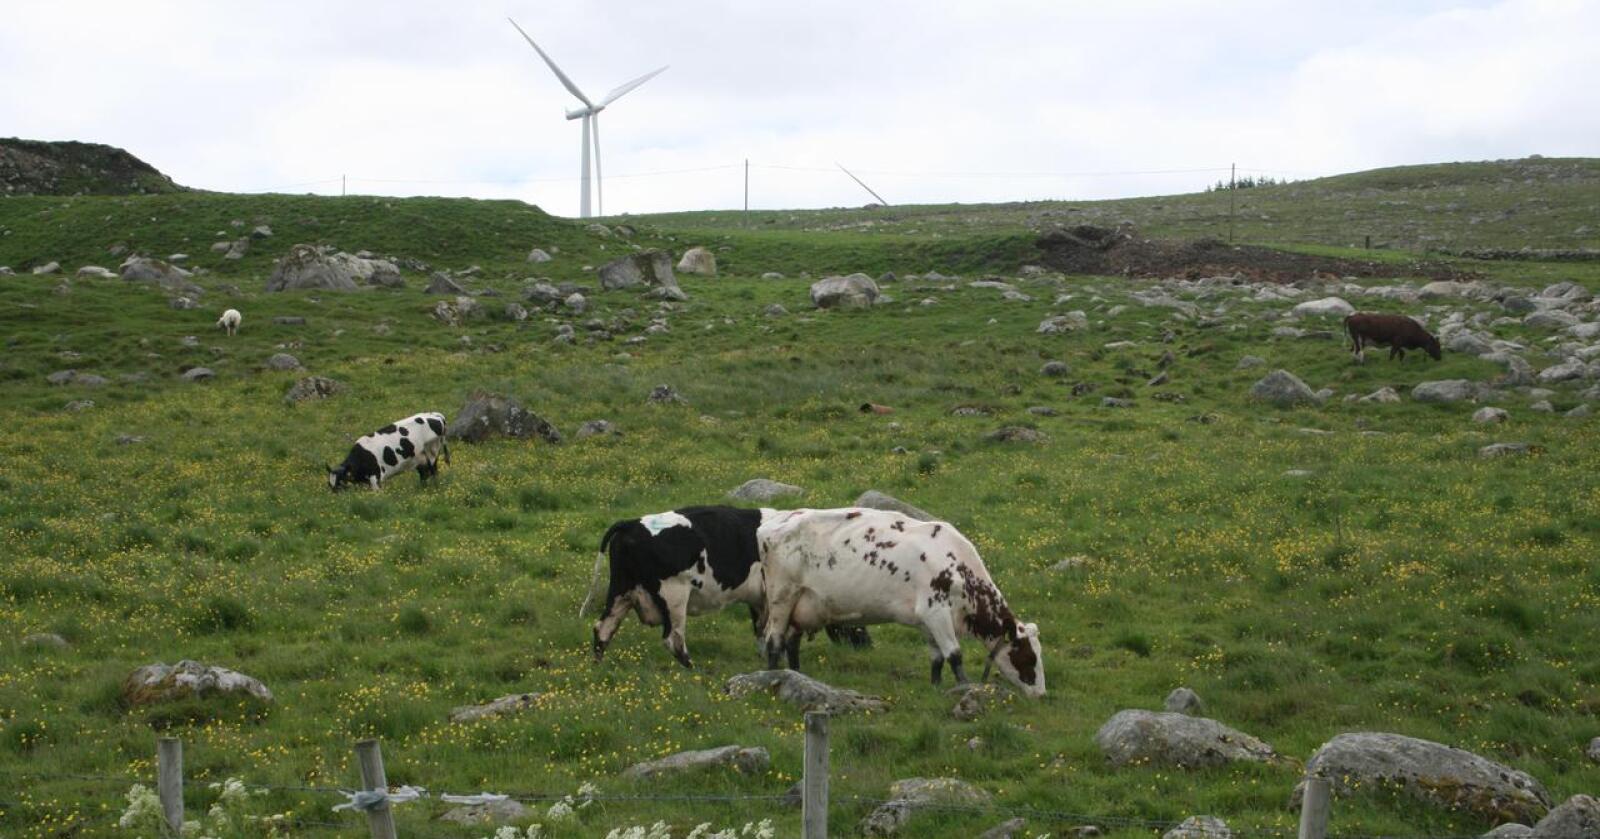 Straumsjokk: Prisen på elektrisk kraft når stadig nye rekordar i Sør-Norge. Det gir bønder nær ein halv milliard kroner i auka kostnader ifølgje Småbrukarlaget, som er skuffa over at staten ikkje vil gi kompensasjon for ekstrarekninga i tilleggsforhandlingane. Her kyr på beite ved Høg-Jæren vindkraftverk. Foto: Bjarne Bekkeheien Aase